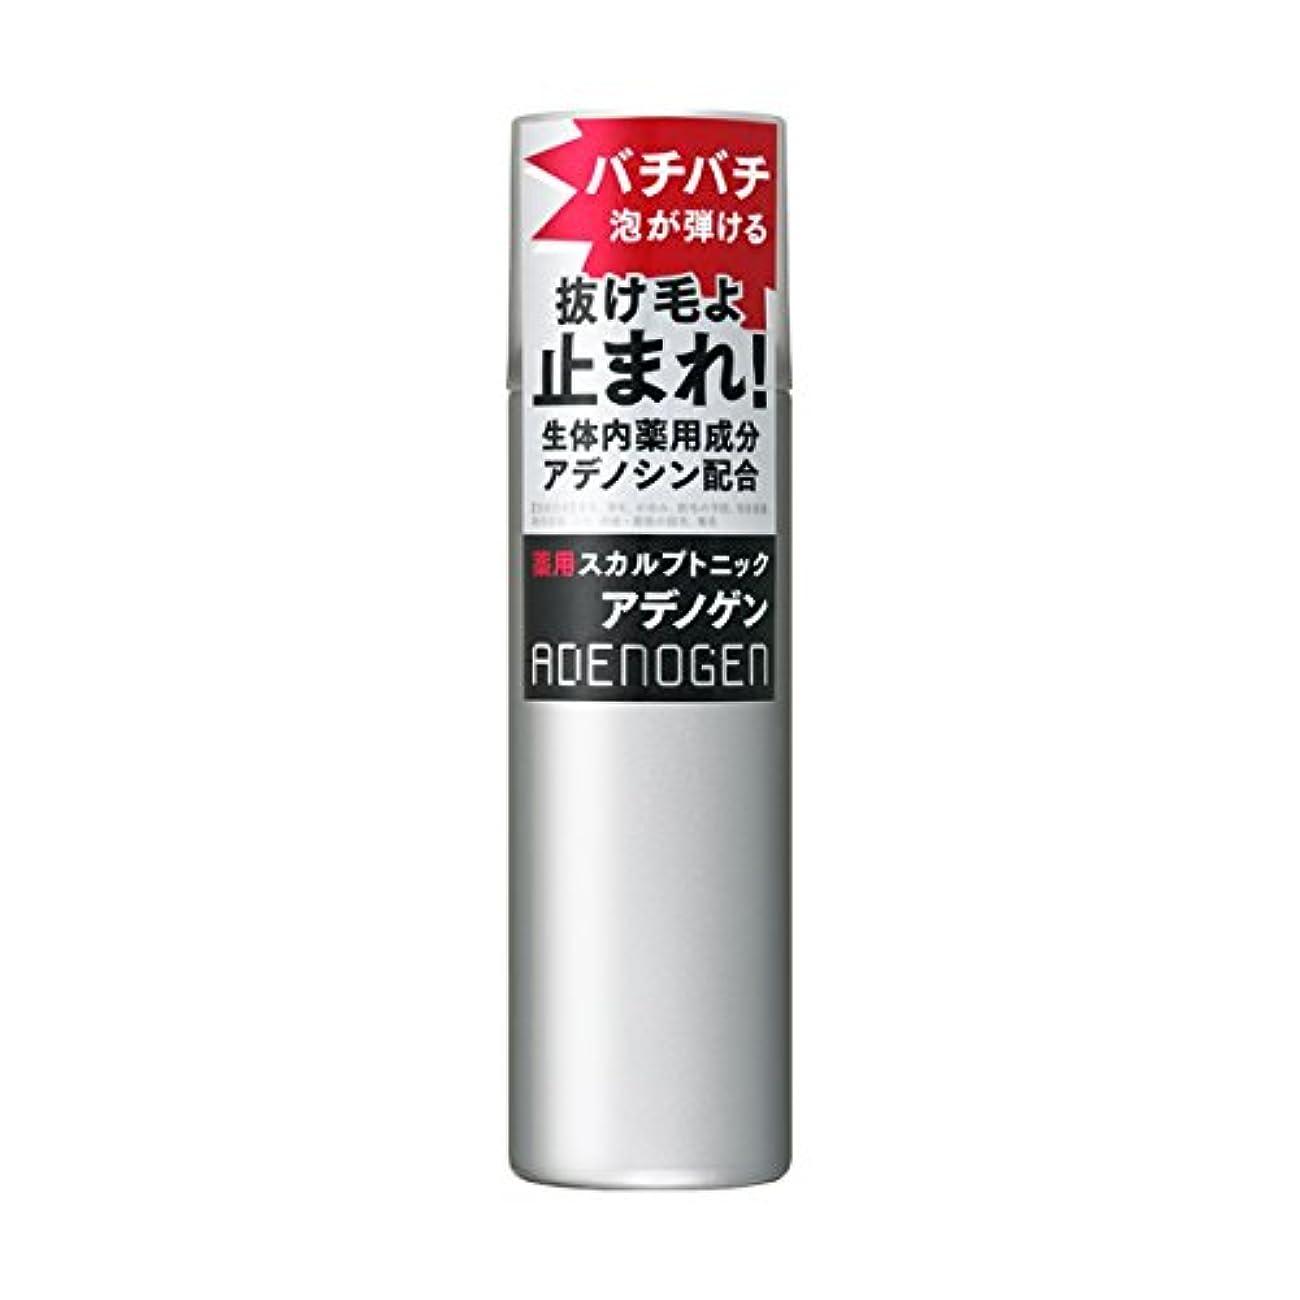 セント前にカップアデノゲン 薬用スカルプトニック 130g 【医薬部外品】